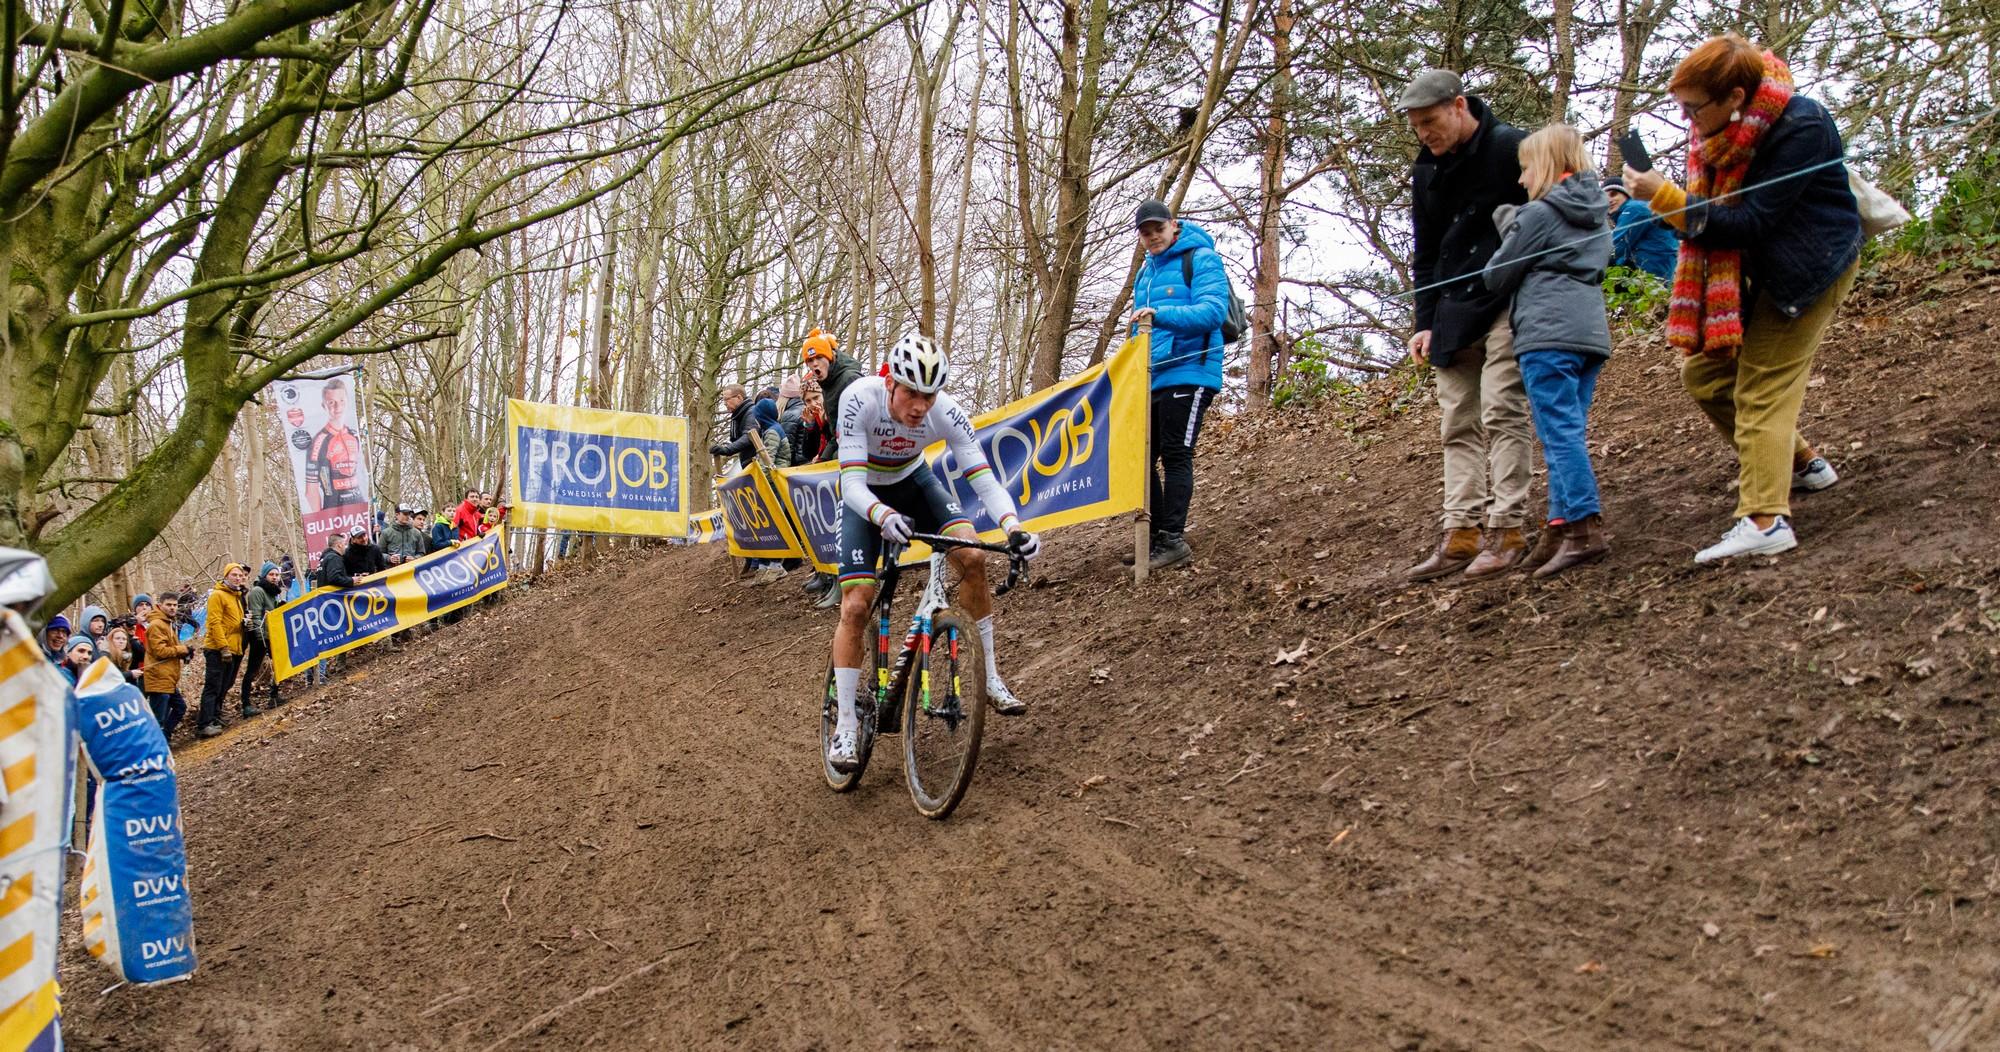 Calendrier Cyclo Cross 2021 2022 L'UCI révèle le nouveau calendrier de la Coupe du monde de cyclo